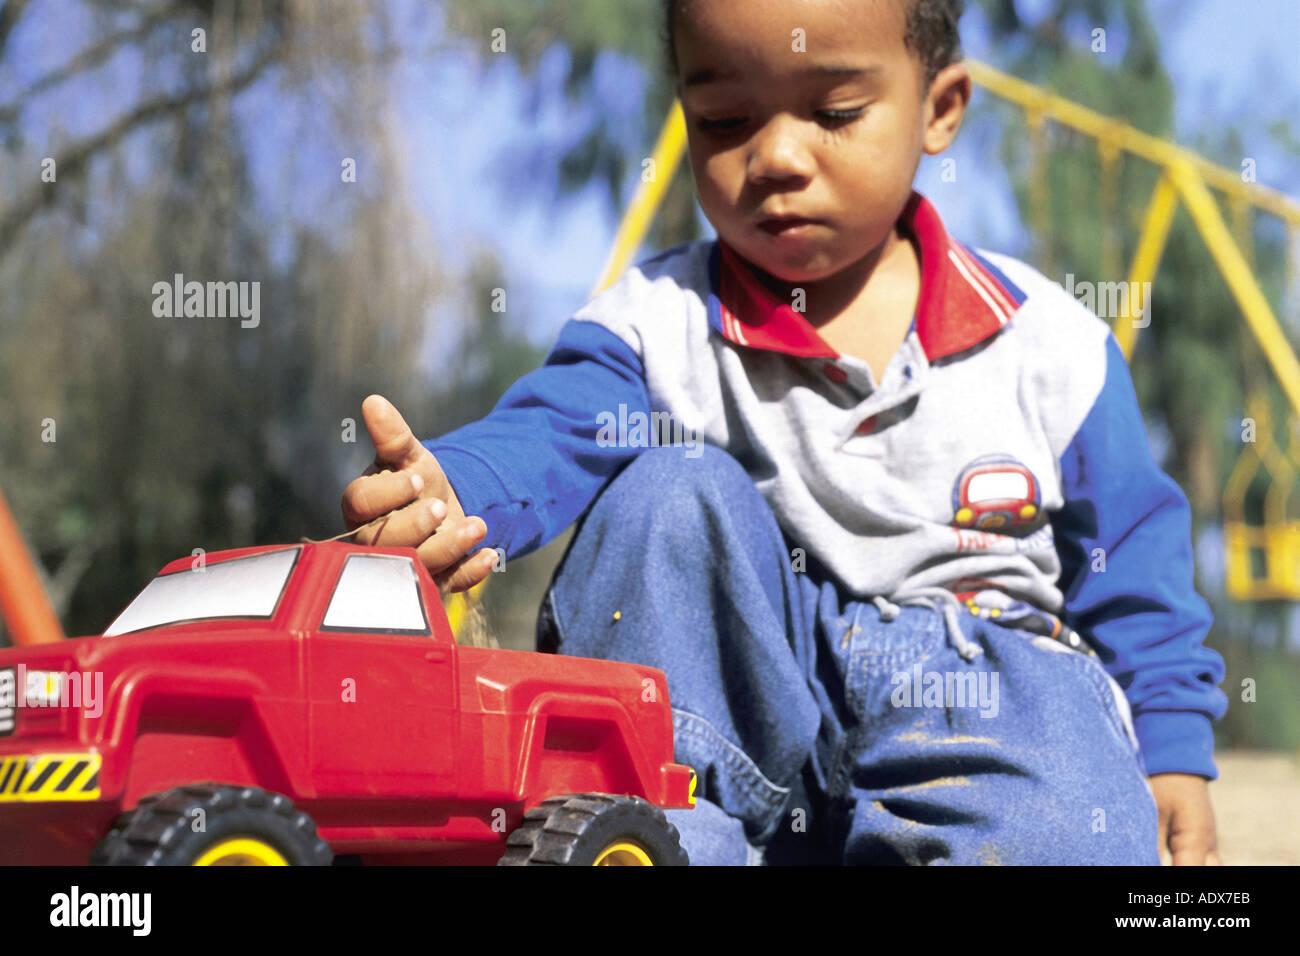 Black boy toy